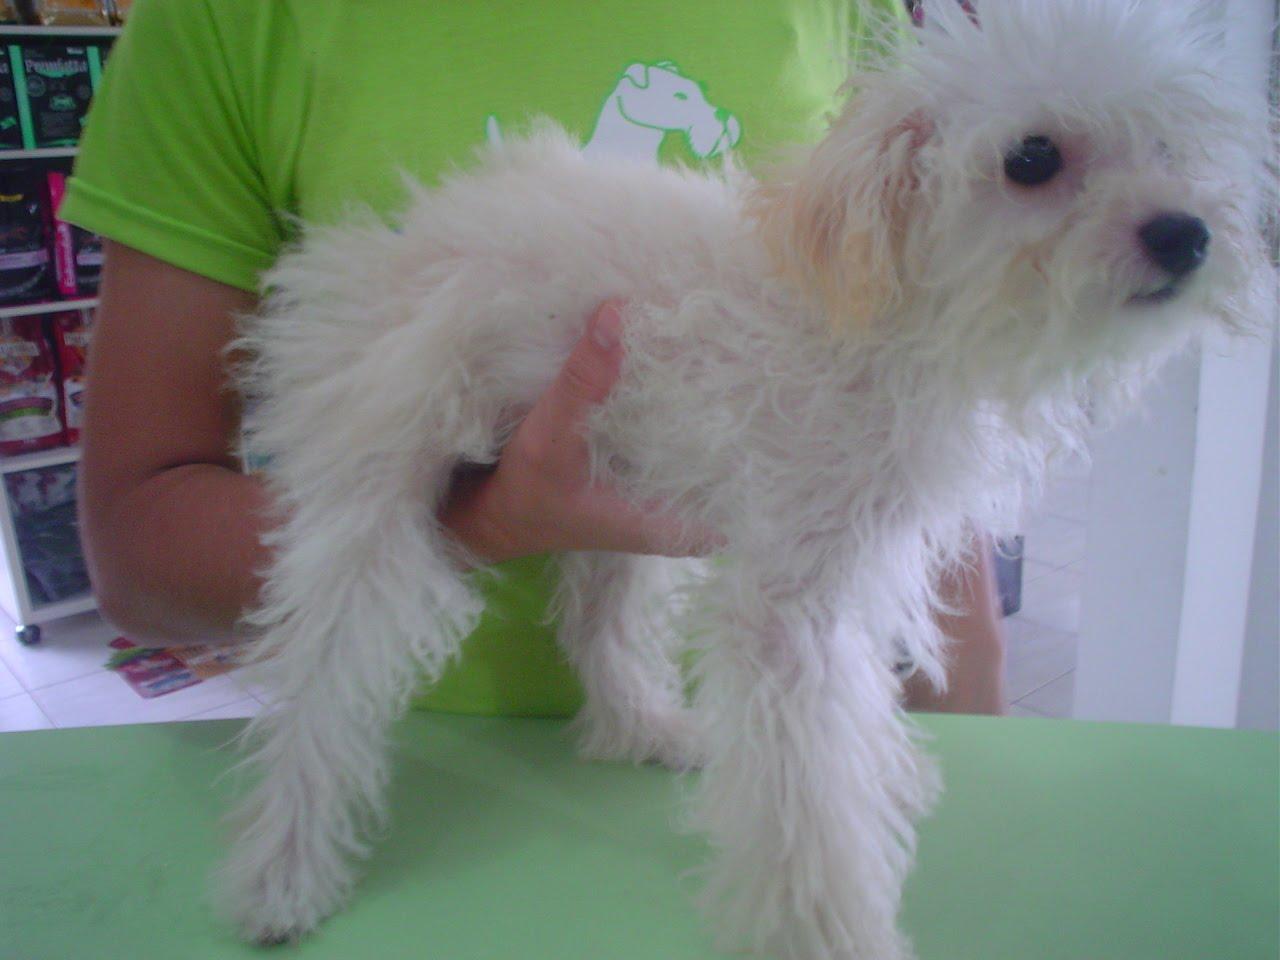 pet shop xod211 tosa de poodle filhote 1170 tosa